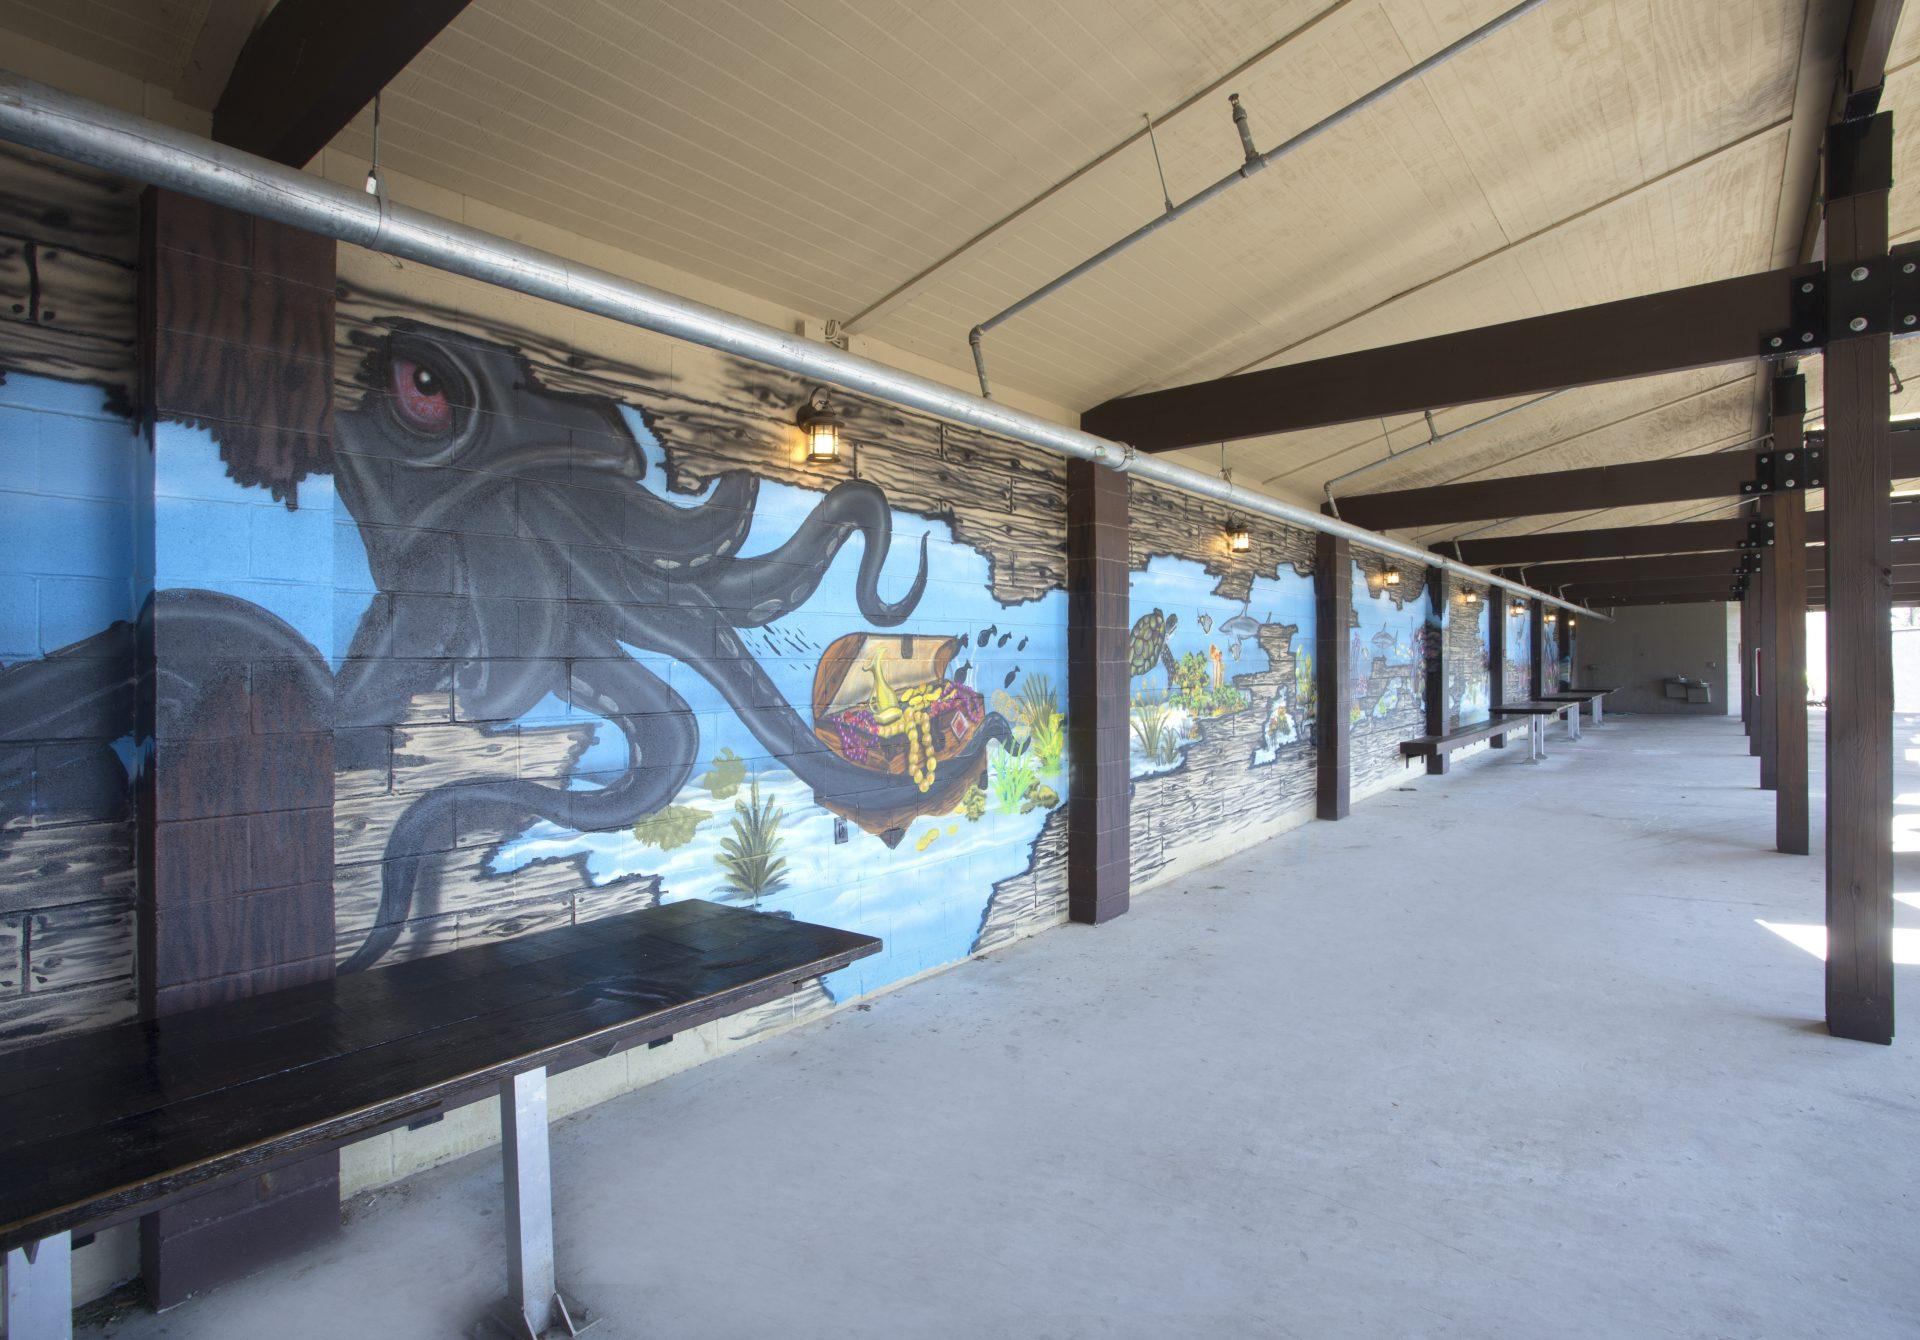 Sea-themed mural at Kidz Kove.